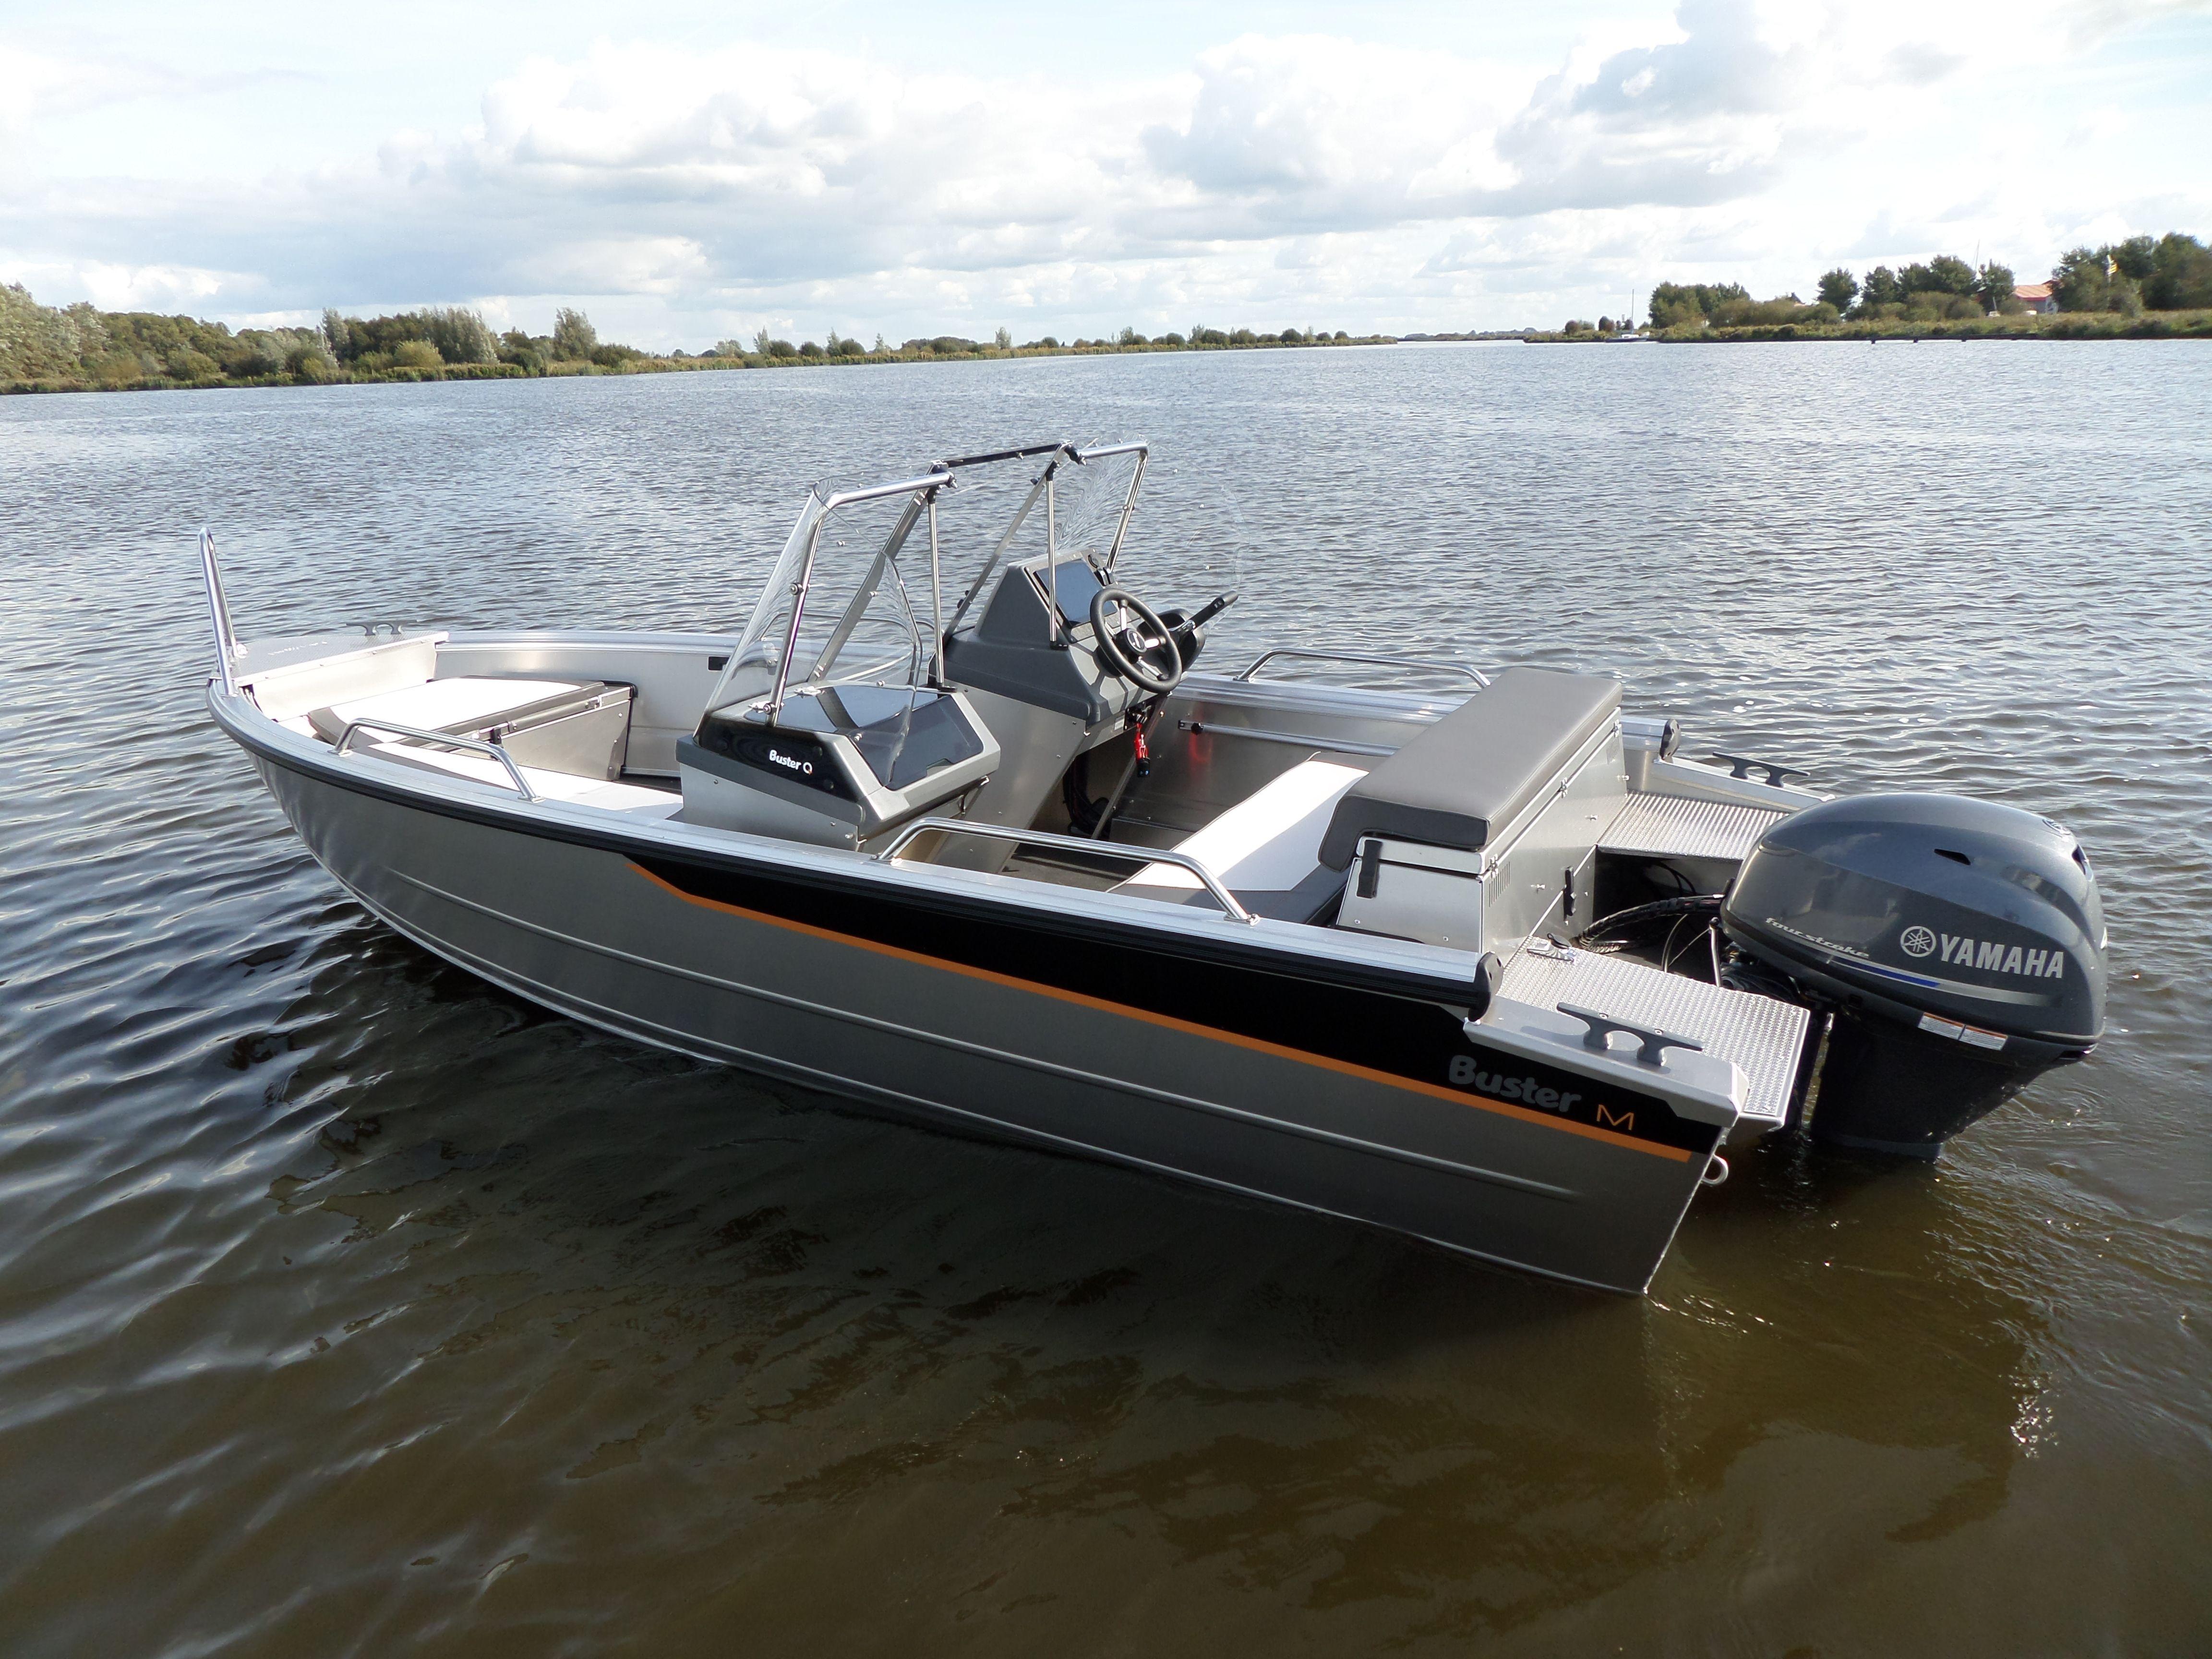 Wonderbaarlijk Buster M2, Een heerlijke compacte aluminium consoleboot!   Buster OP-54